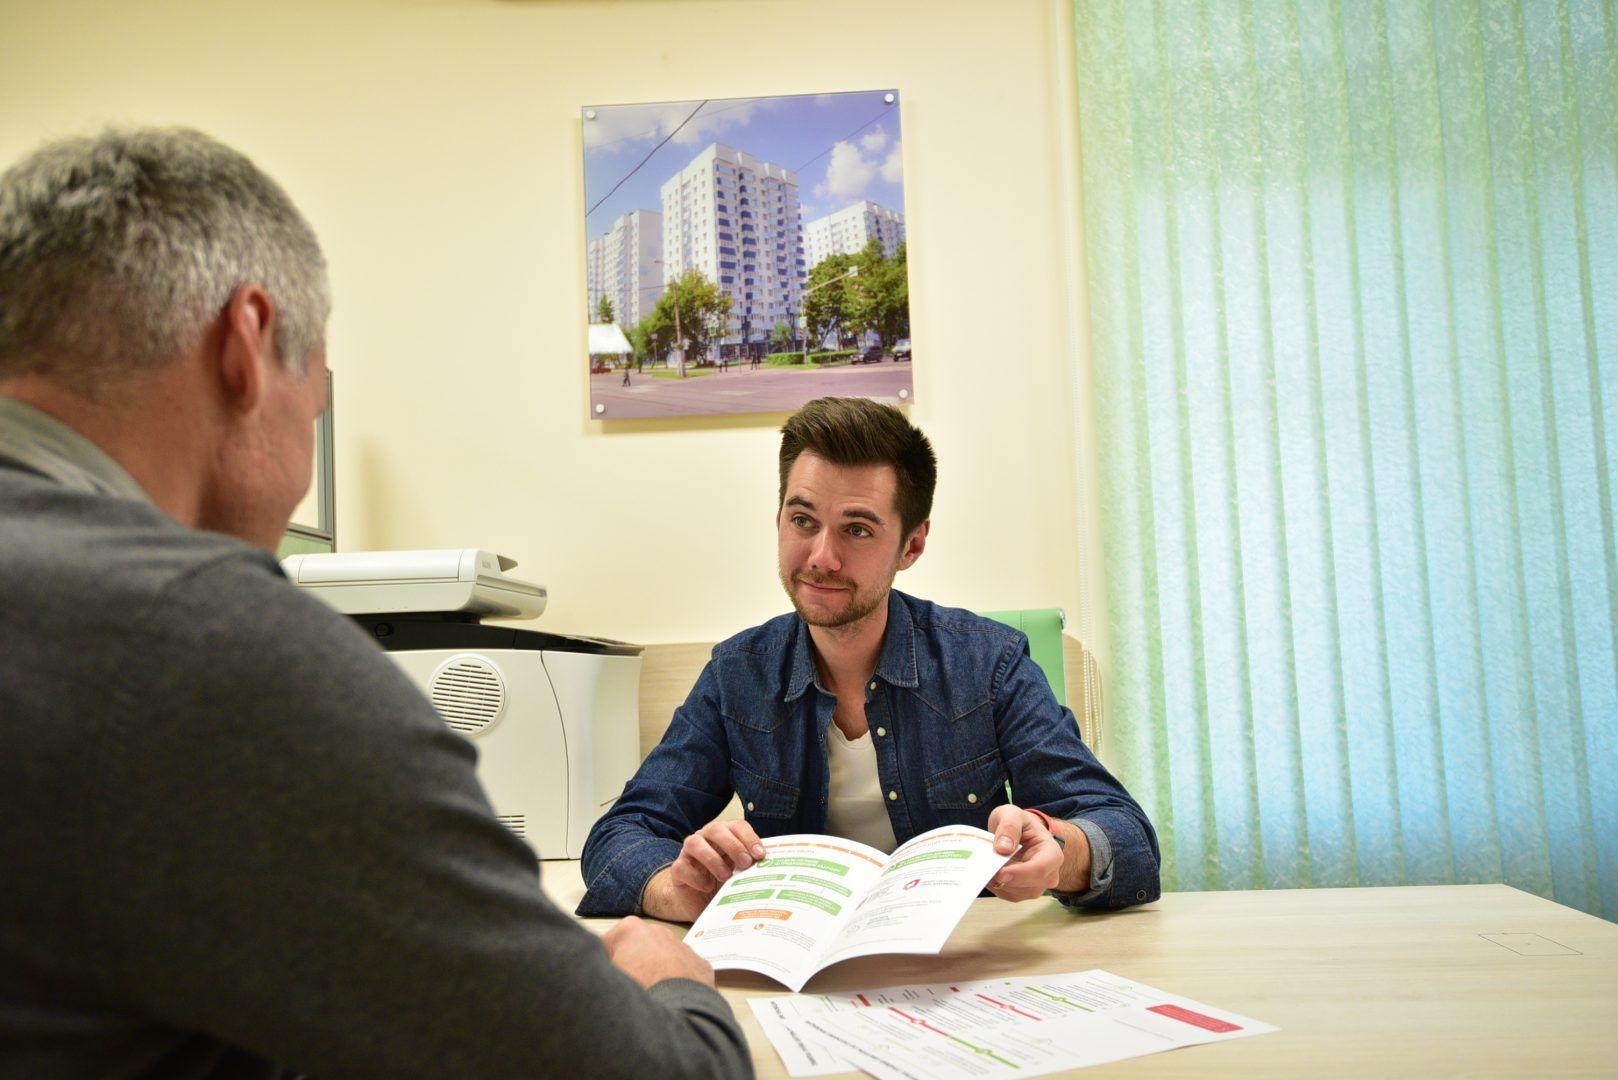 Кадастровая палата по Москве разъясняет основные изменения жилищного законодательства. Фото: Пелагия Замятина, «Вечерняя Москва»